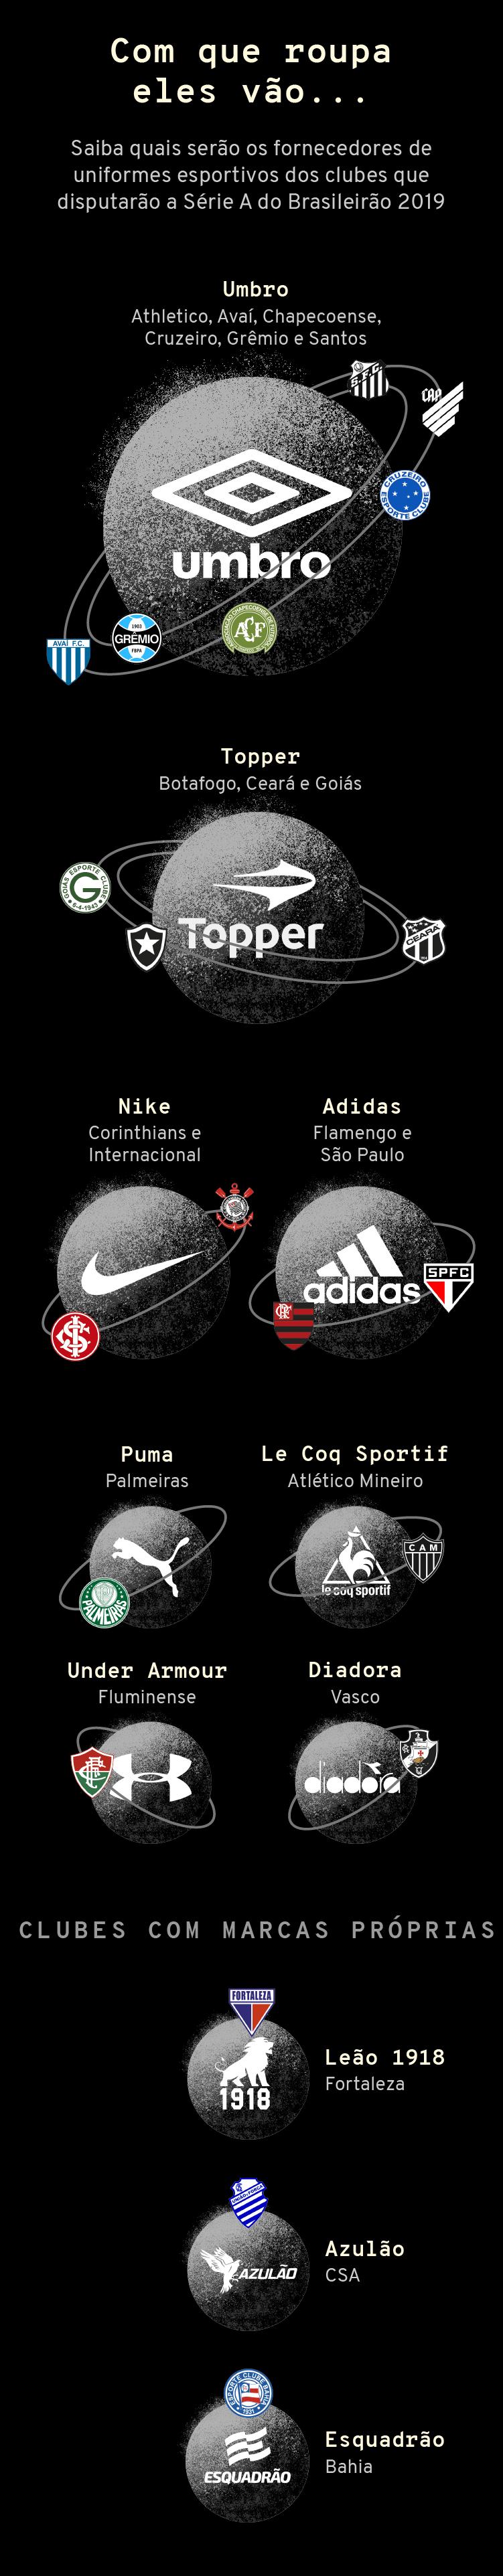 Infográfico: Fornecedores de uniformes dos times do brasileirão 2019